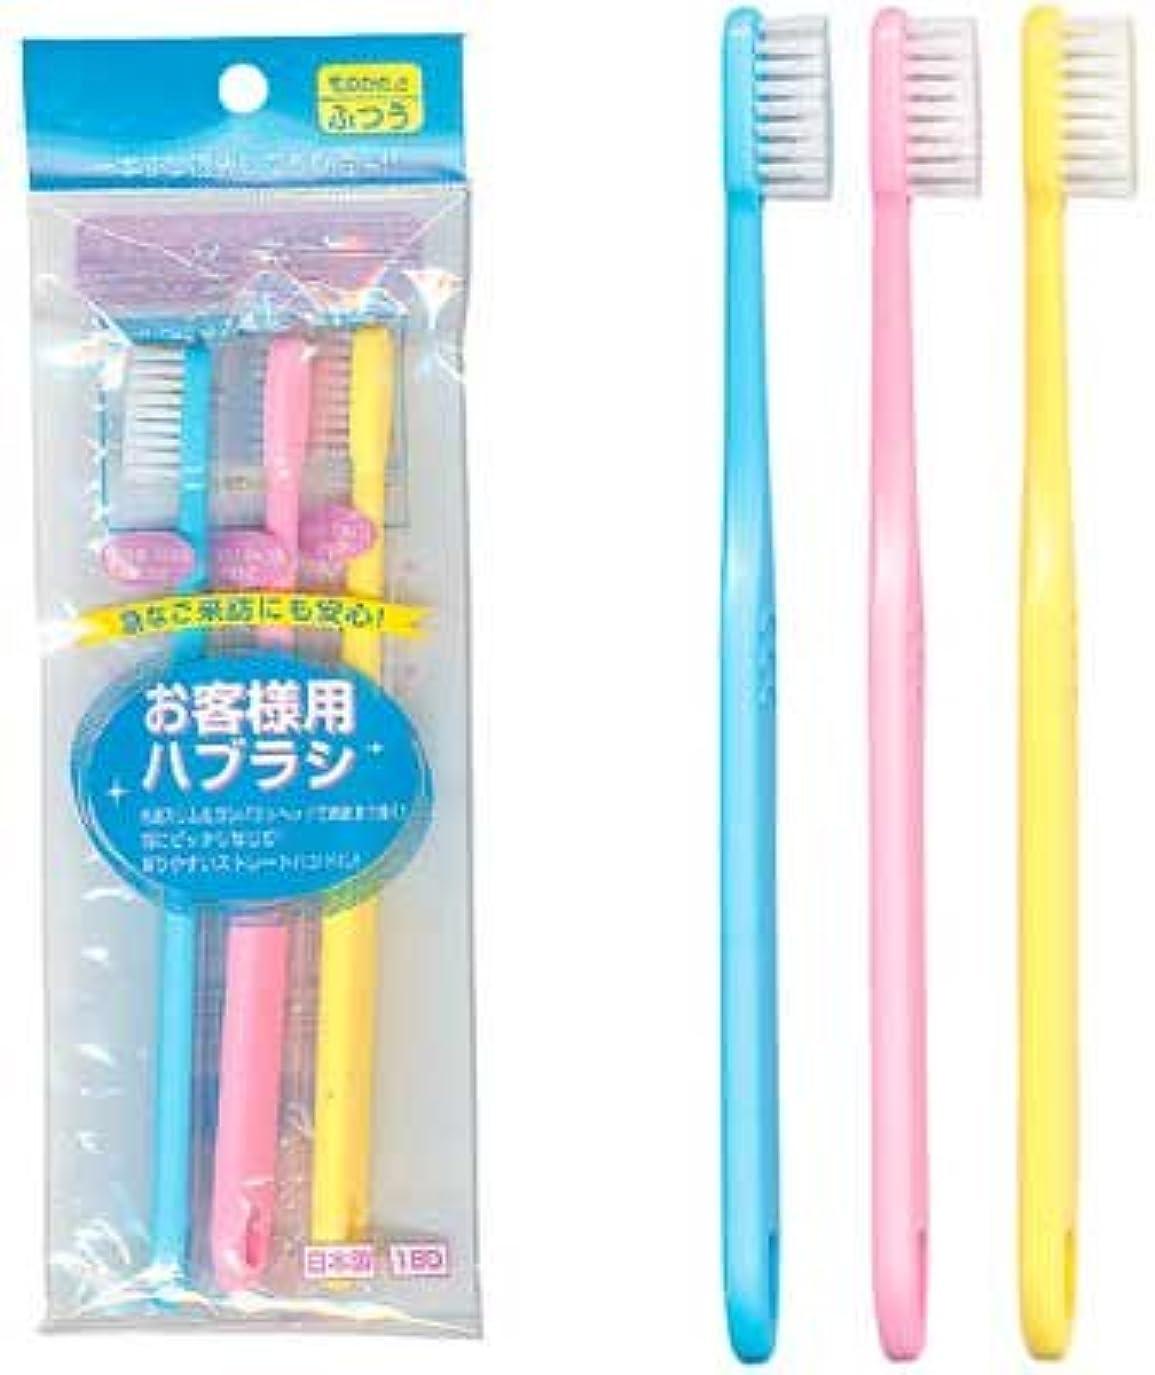 真似る毎週彼らのお客様用歯ブラシ(3P) 【まとめ買い12個セット】 41-006